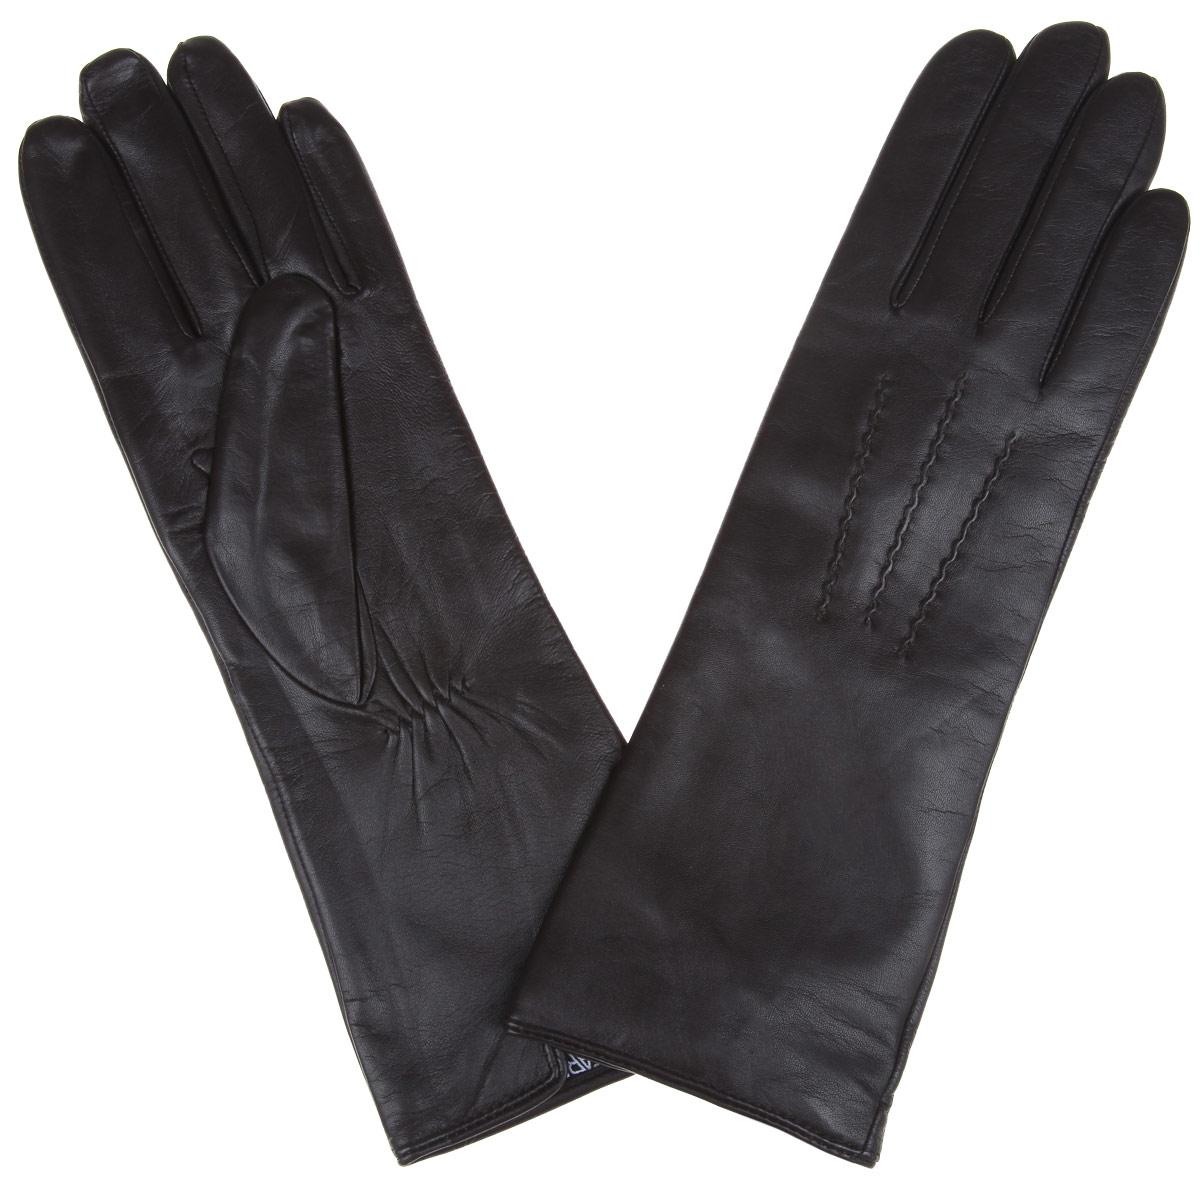 Перчатки12.6-10Восхитительные женские перчатки Fabretti, выполненные из эфиопской натуральной кожи ягненка на подкладке из хлопка с добавлением кашемира, не только защитят ваши руки от холода, но и станут стильным дополнением вашего образа. Лицевая сторона оформлена аккуратной прострочкой три луча. Слегка удлиненные манжеты с тыльной стороны присборены на эластичную резинку для лучшей фиксации. Такие перчатки подчеркнут ваш стиль и неповторимость, и придадут всему образу нотки женственности и элегантности.